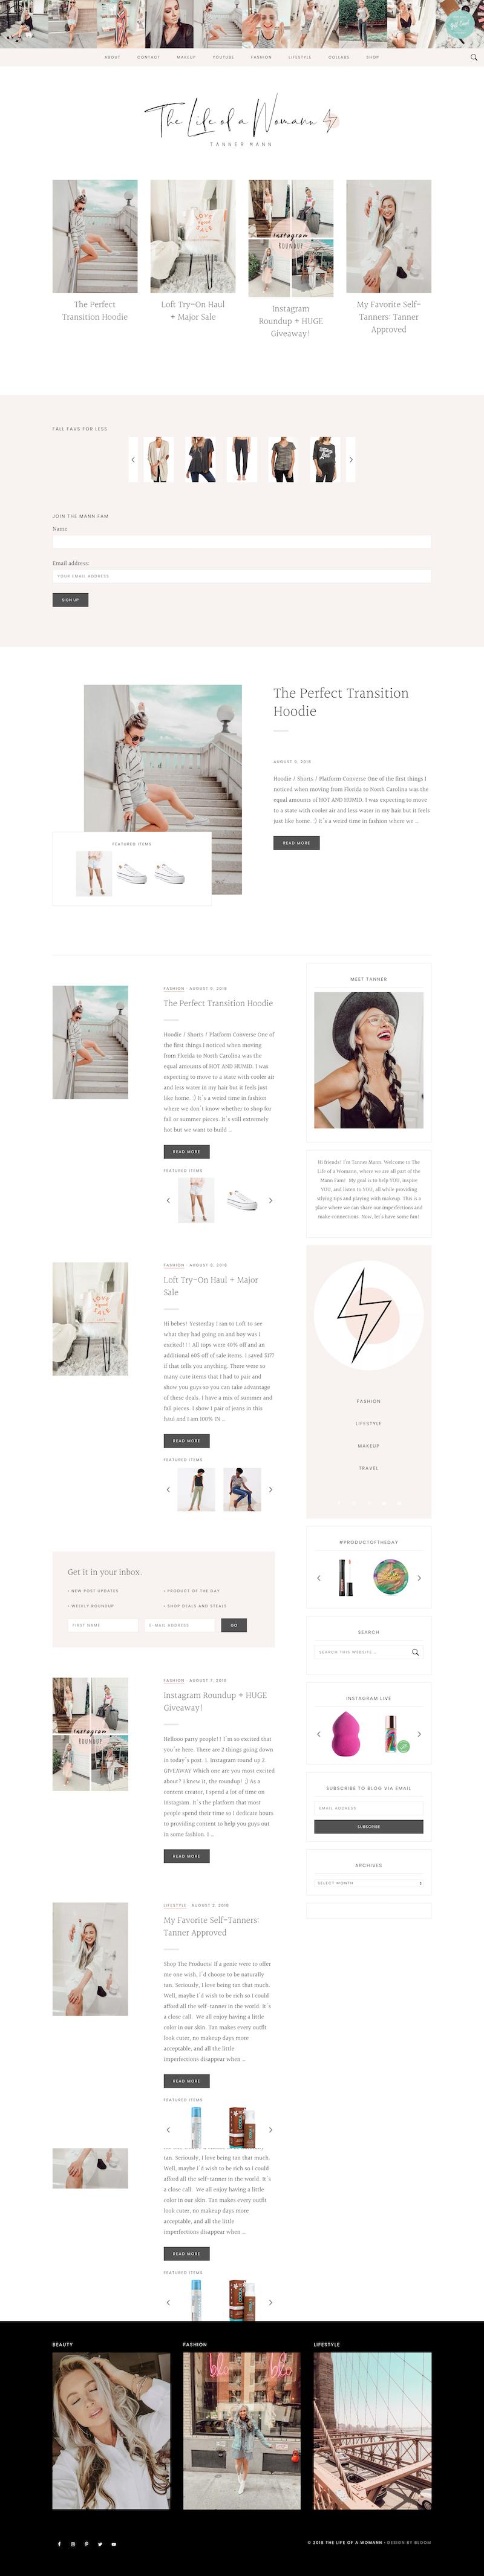 theme-example